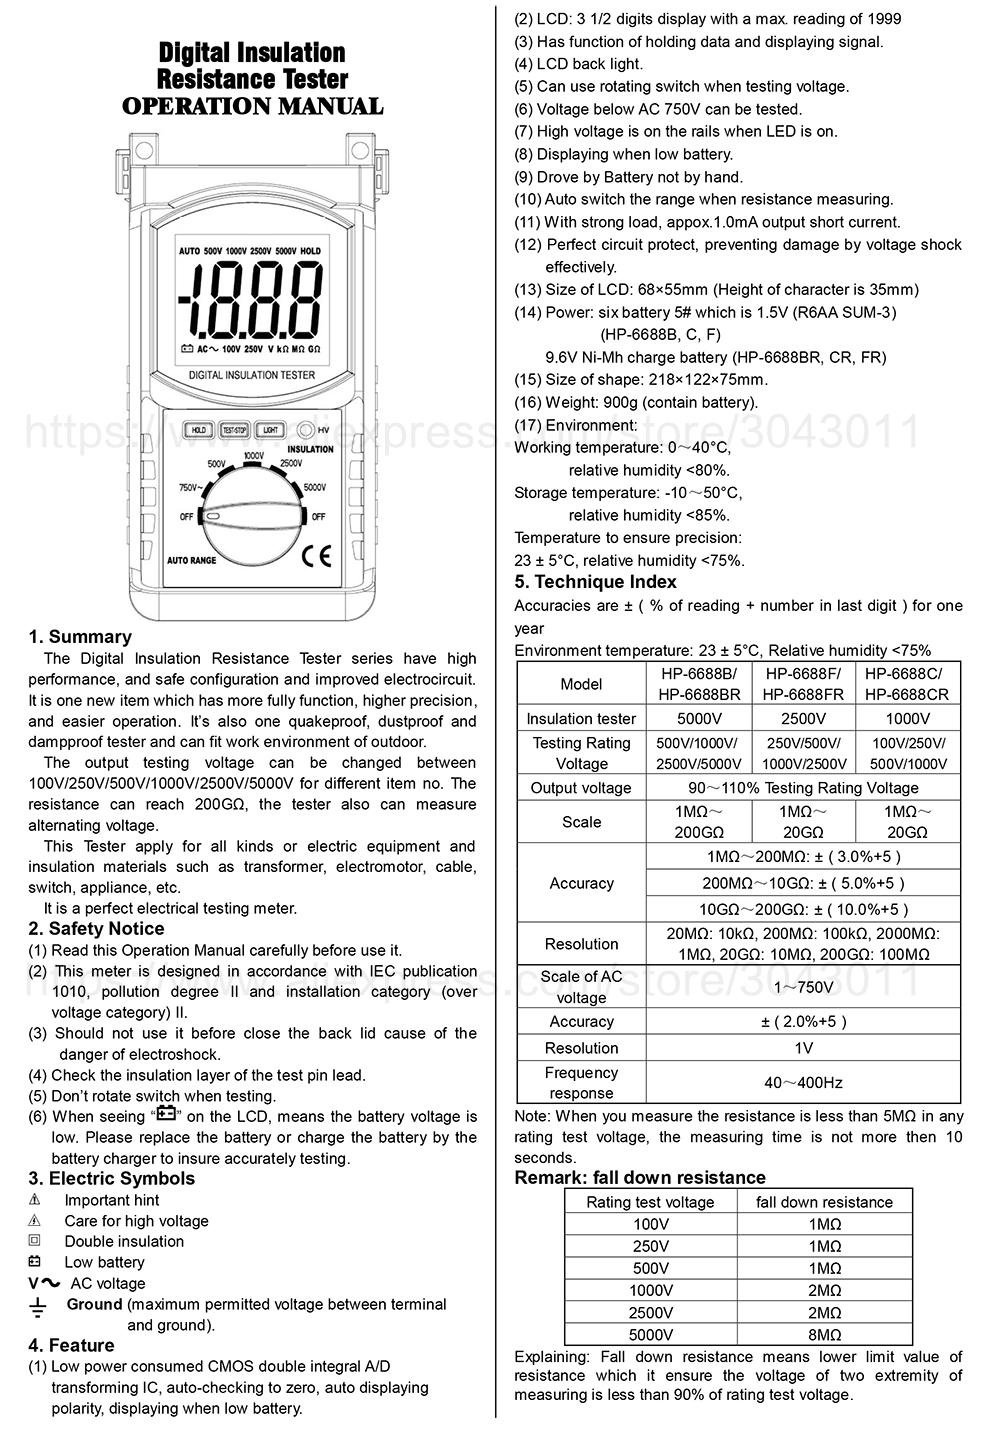 HP-6688B,C,F,BR,CR,FR-1